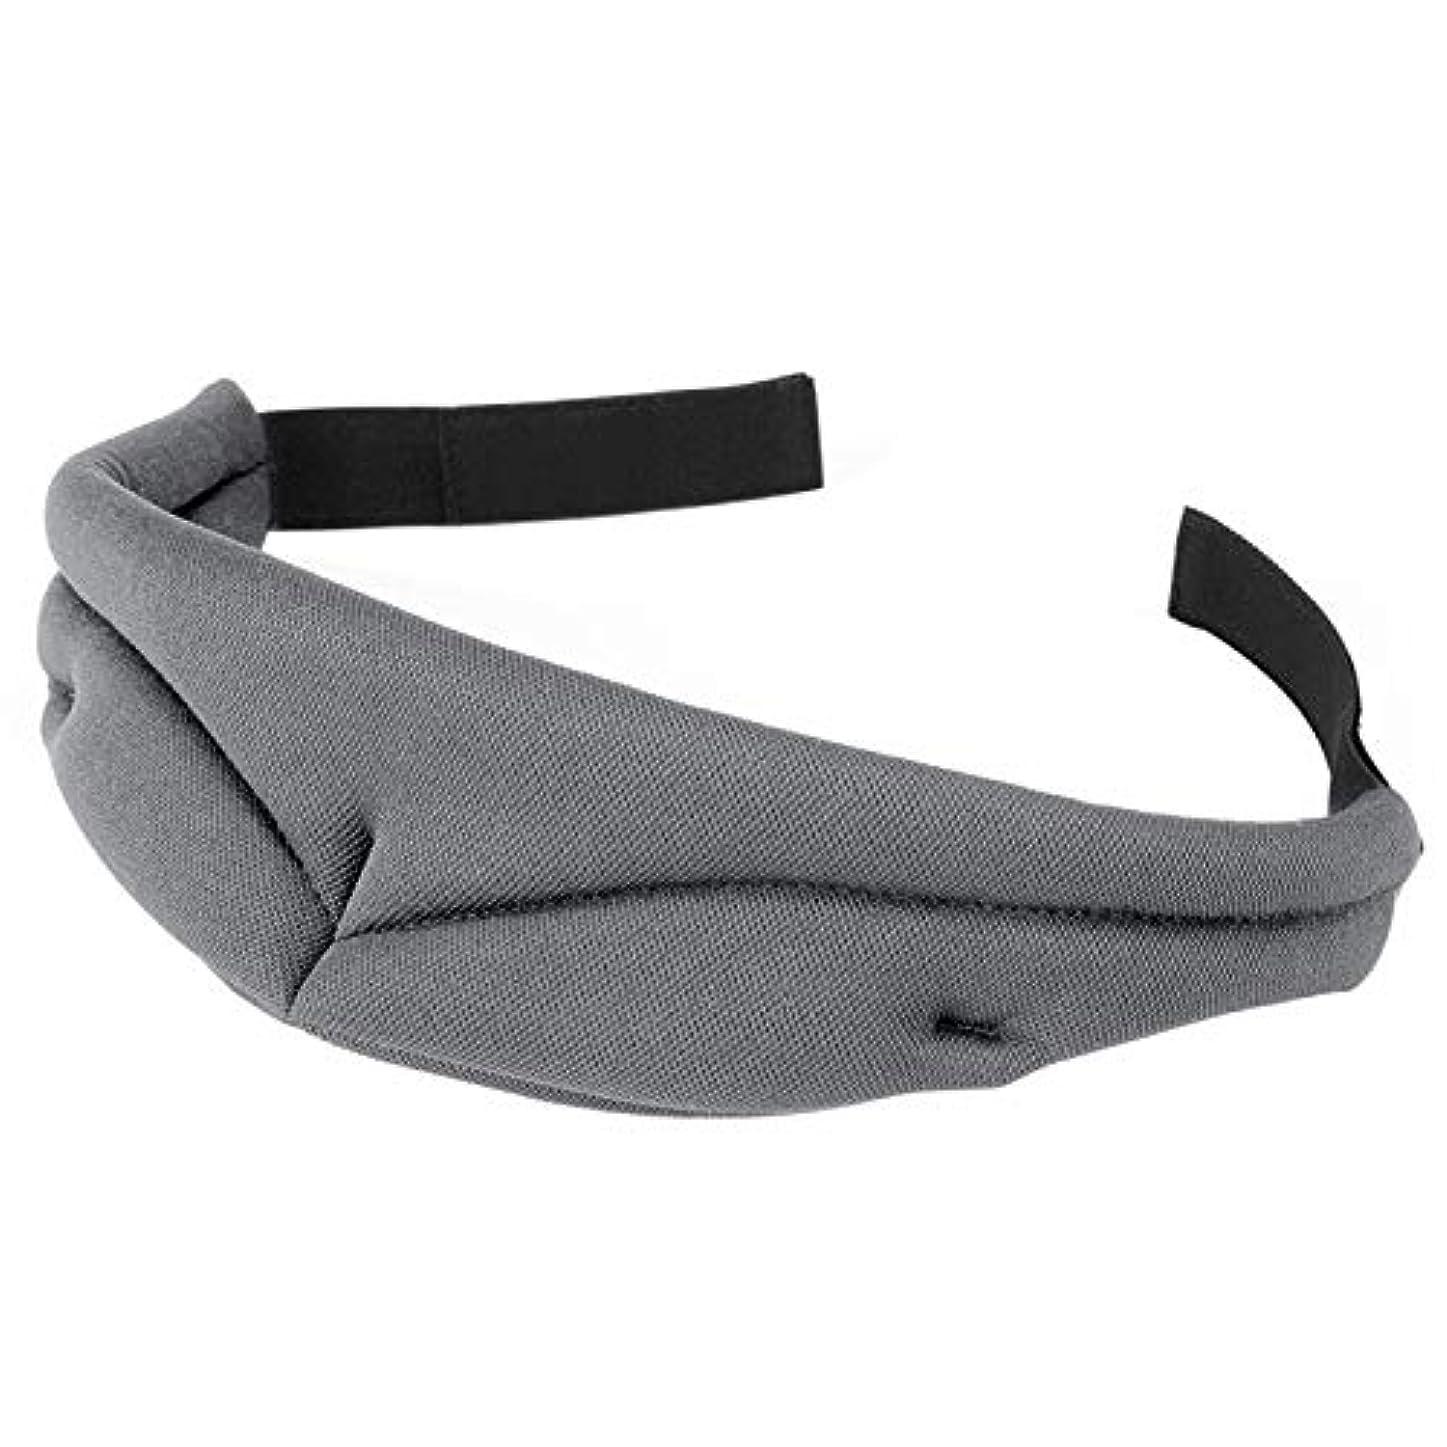 航空機平らにする水平NOTE アイケアスリープマスク3D超ソフトスリーピングアイマスク目隠しシェードアイシェード新しいアイカバースリーピングマスクトラベルエッセンシャル